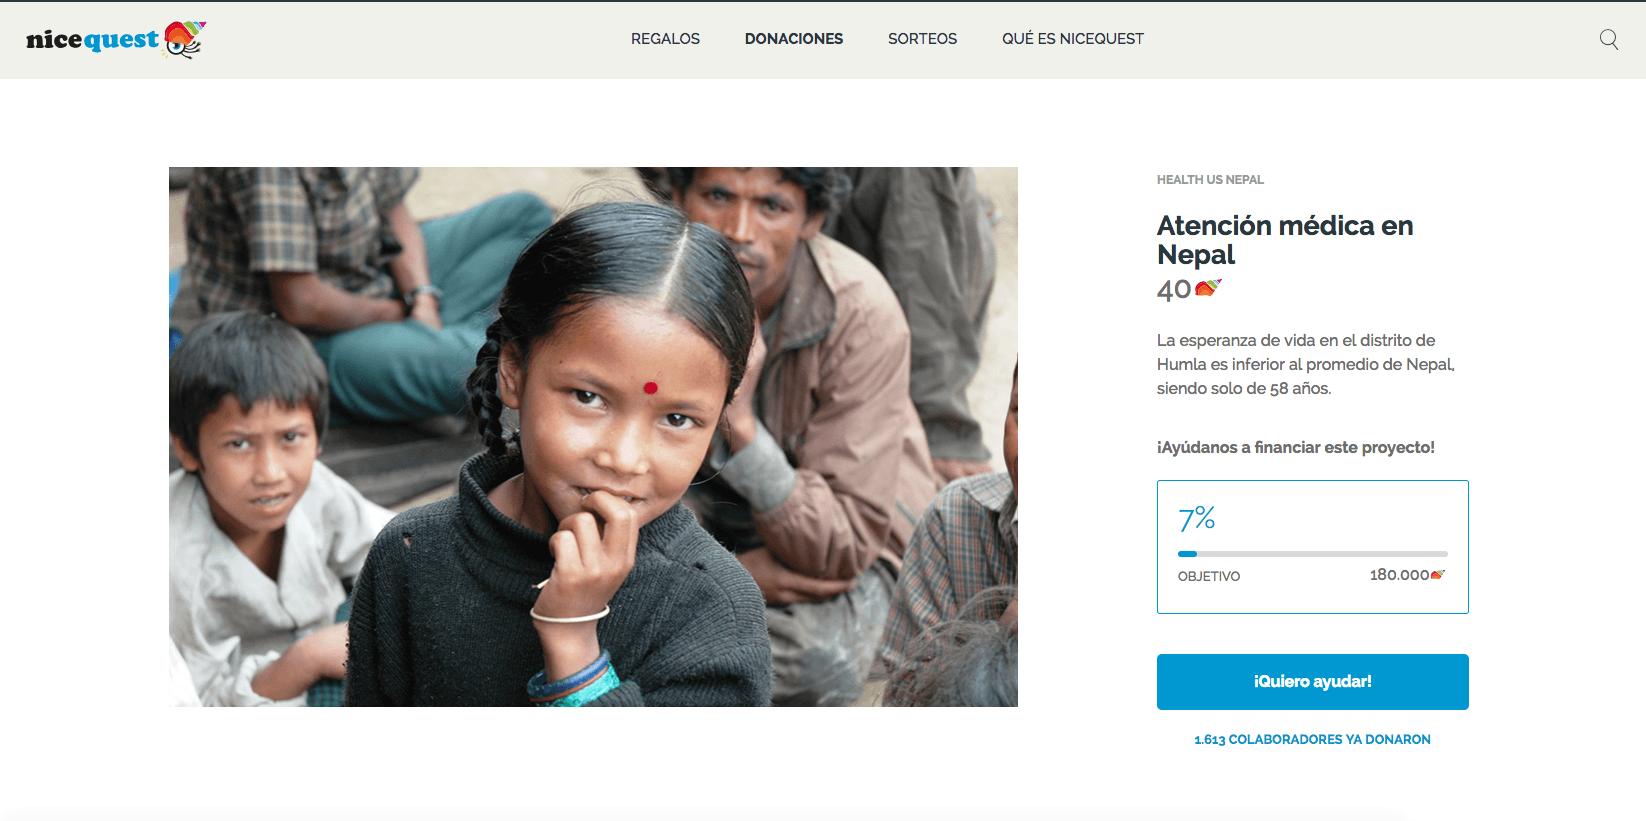 Campaña de donación para Health us Nepal con Nicequest